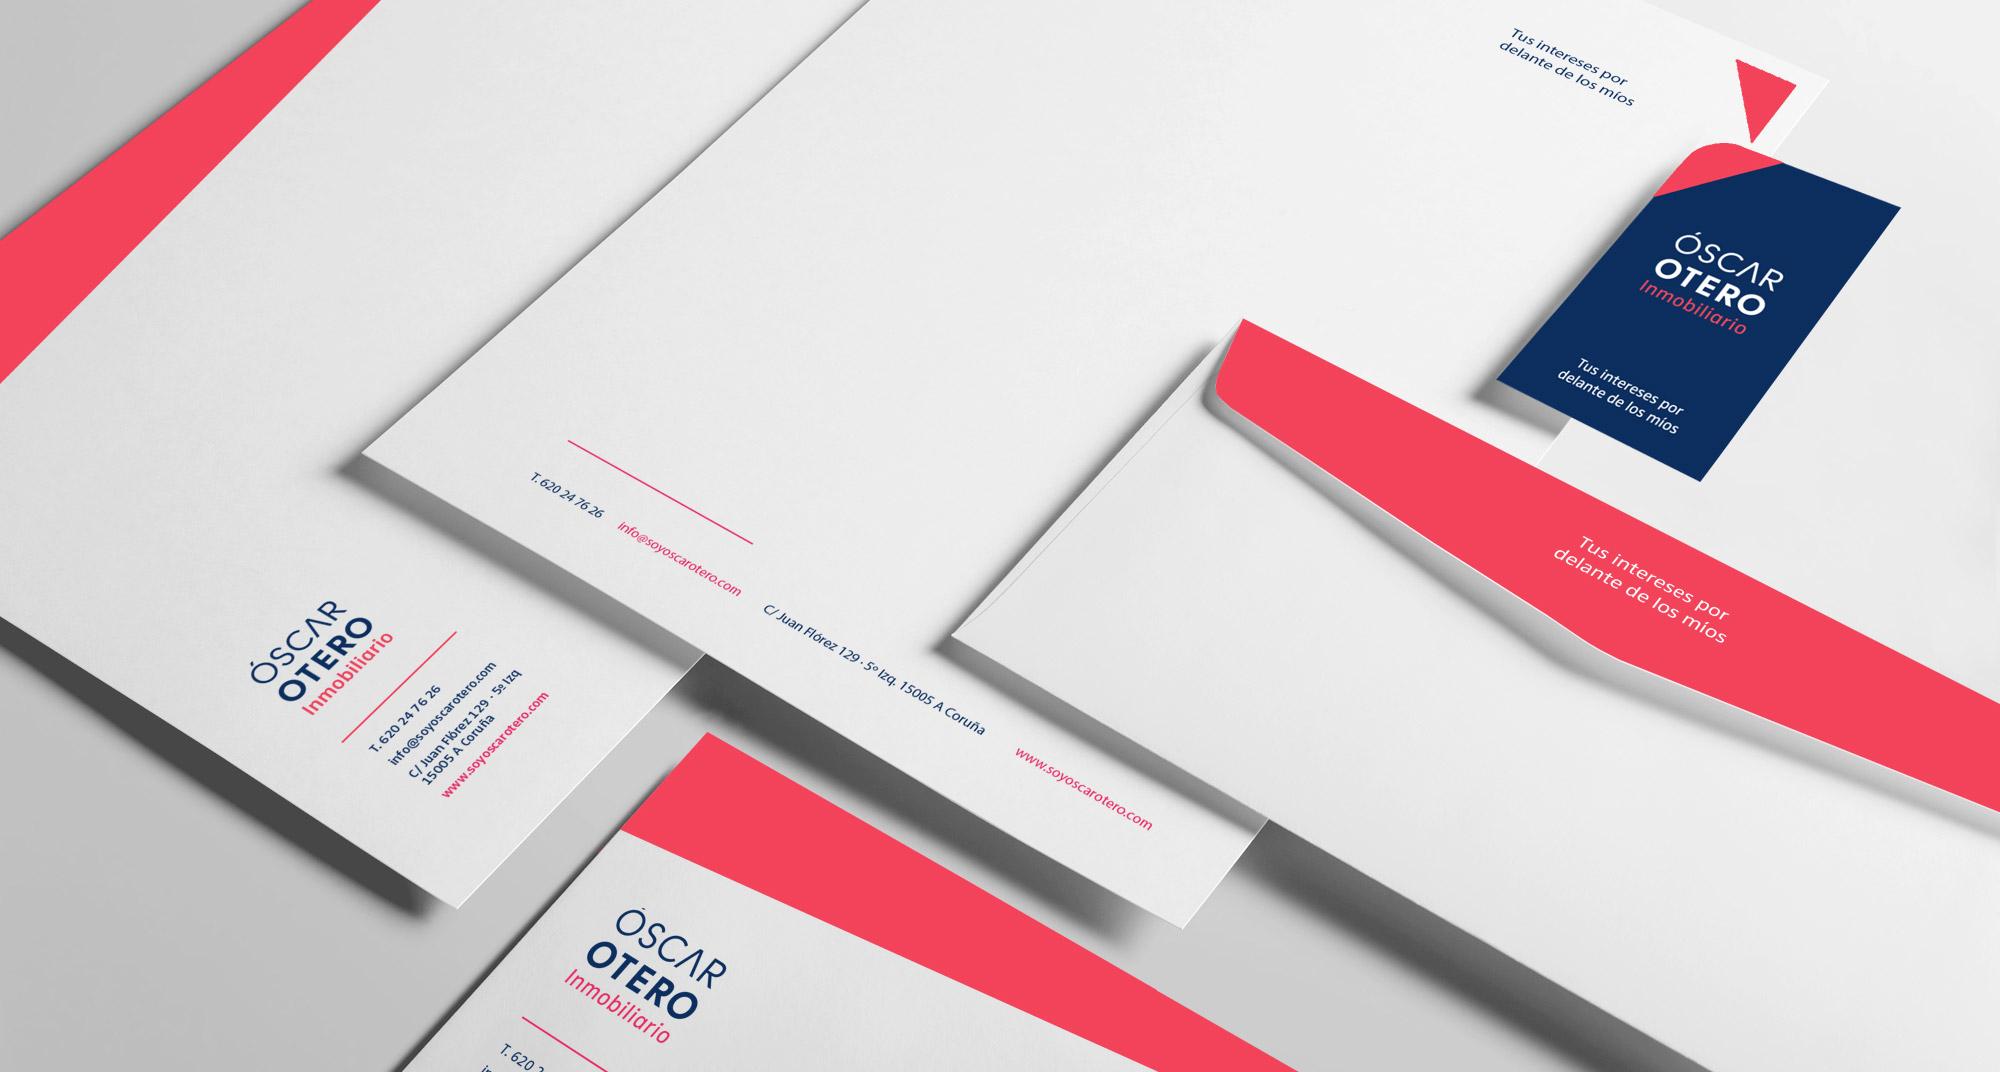 Papelería corporativa de la marca, compuesta por tarjetas, sobres y papel de carta impresos a dos tintas